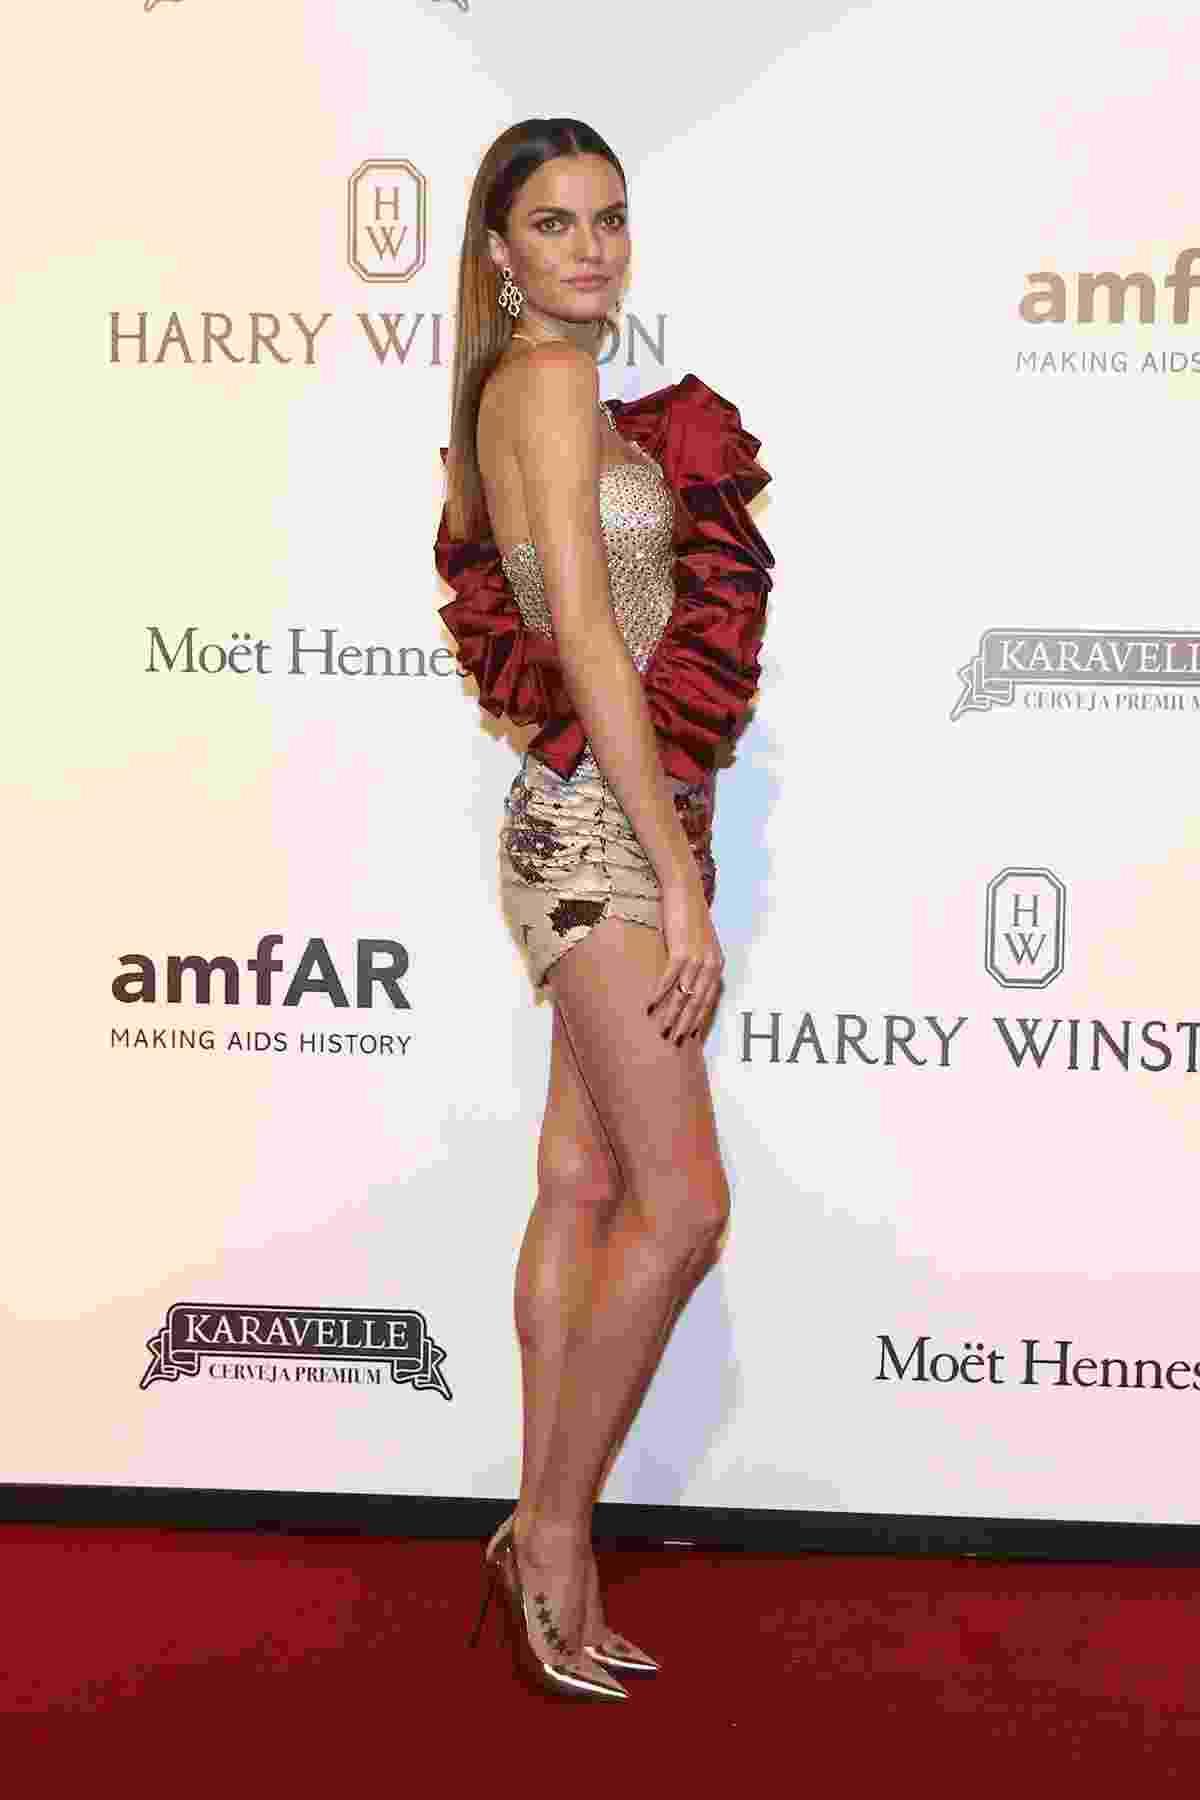 27.abr.2017 - A top model Bárbara Fialho, angel da Victoria's Secret, no baile de gala beneficente da amfAR, em São Paulo - Manuela Scarpa e Iwi Onodera/Brazil News